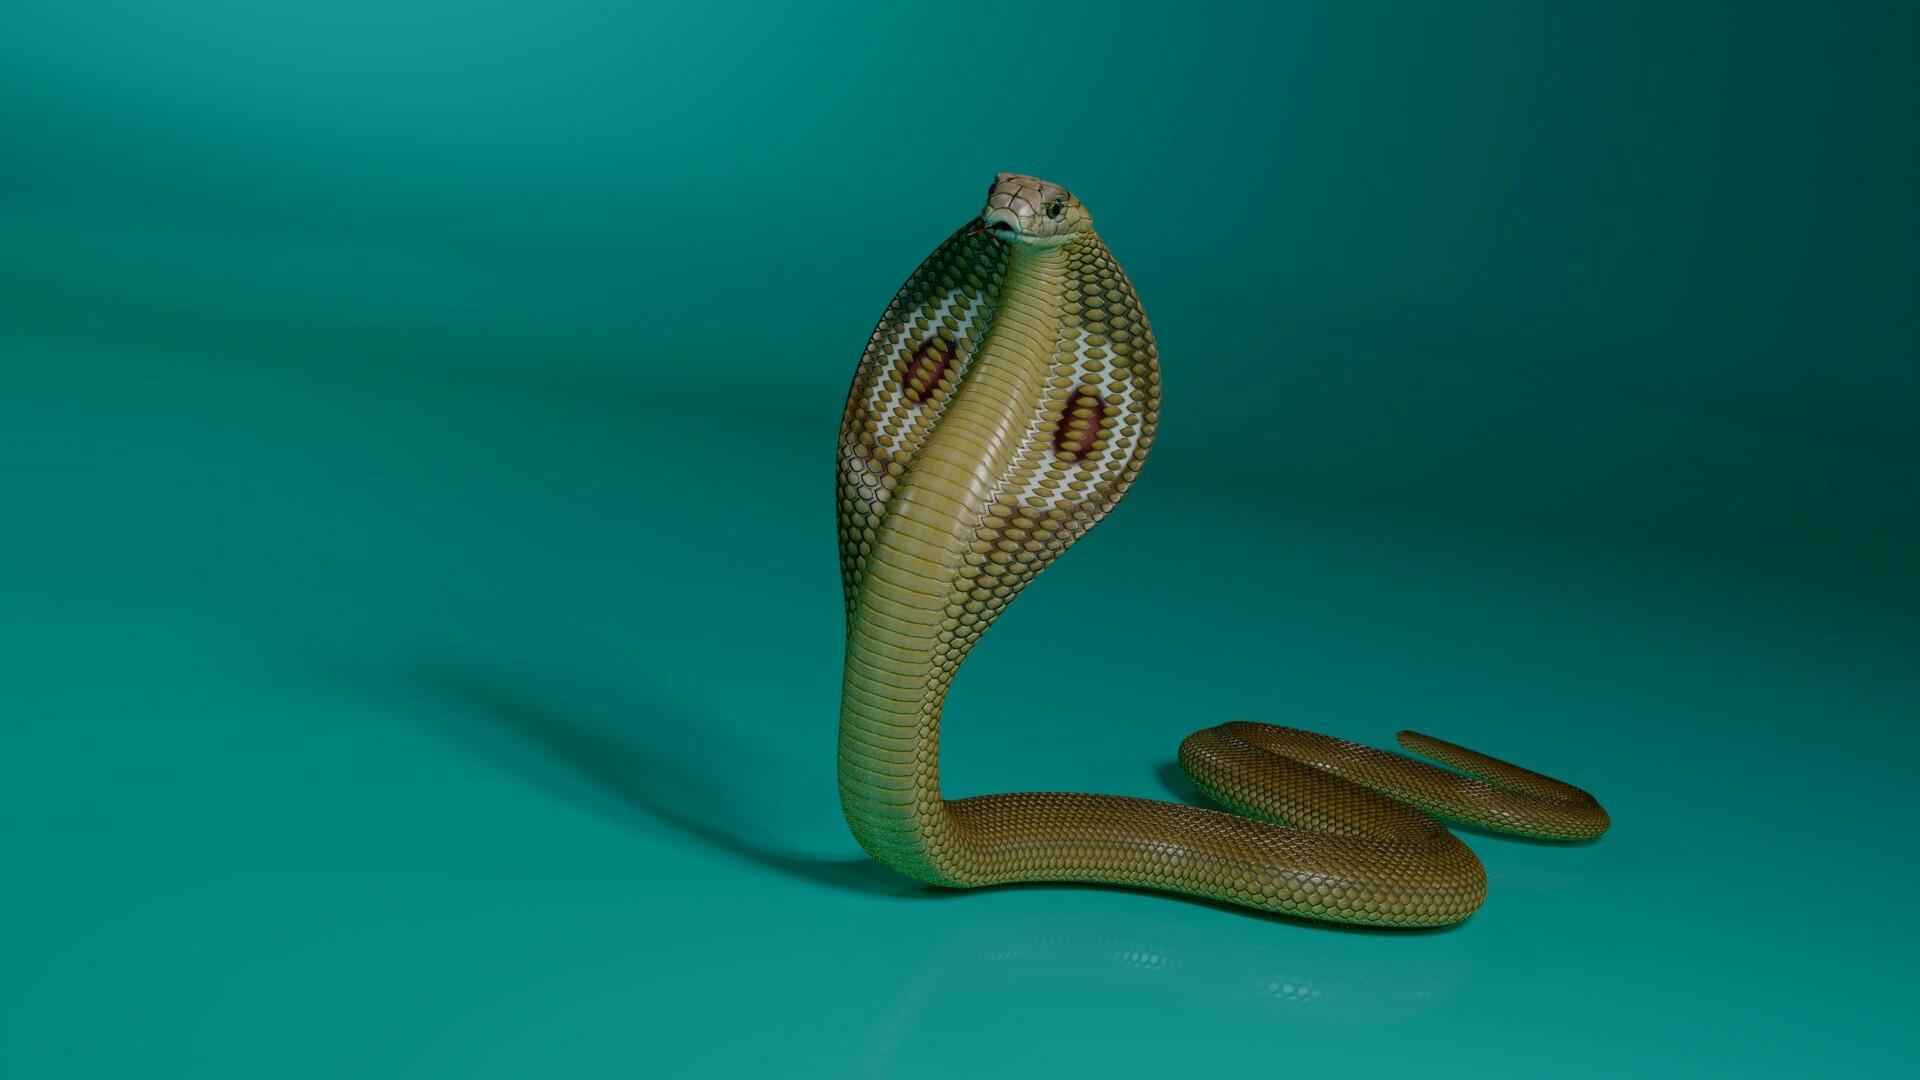 ArtStation - The 3d model of king cobra, Stephan Plotnicov